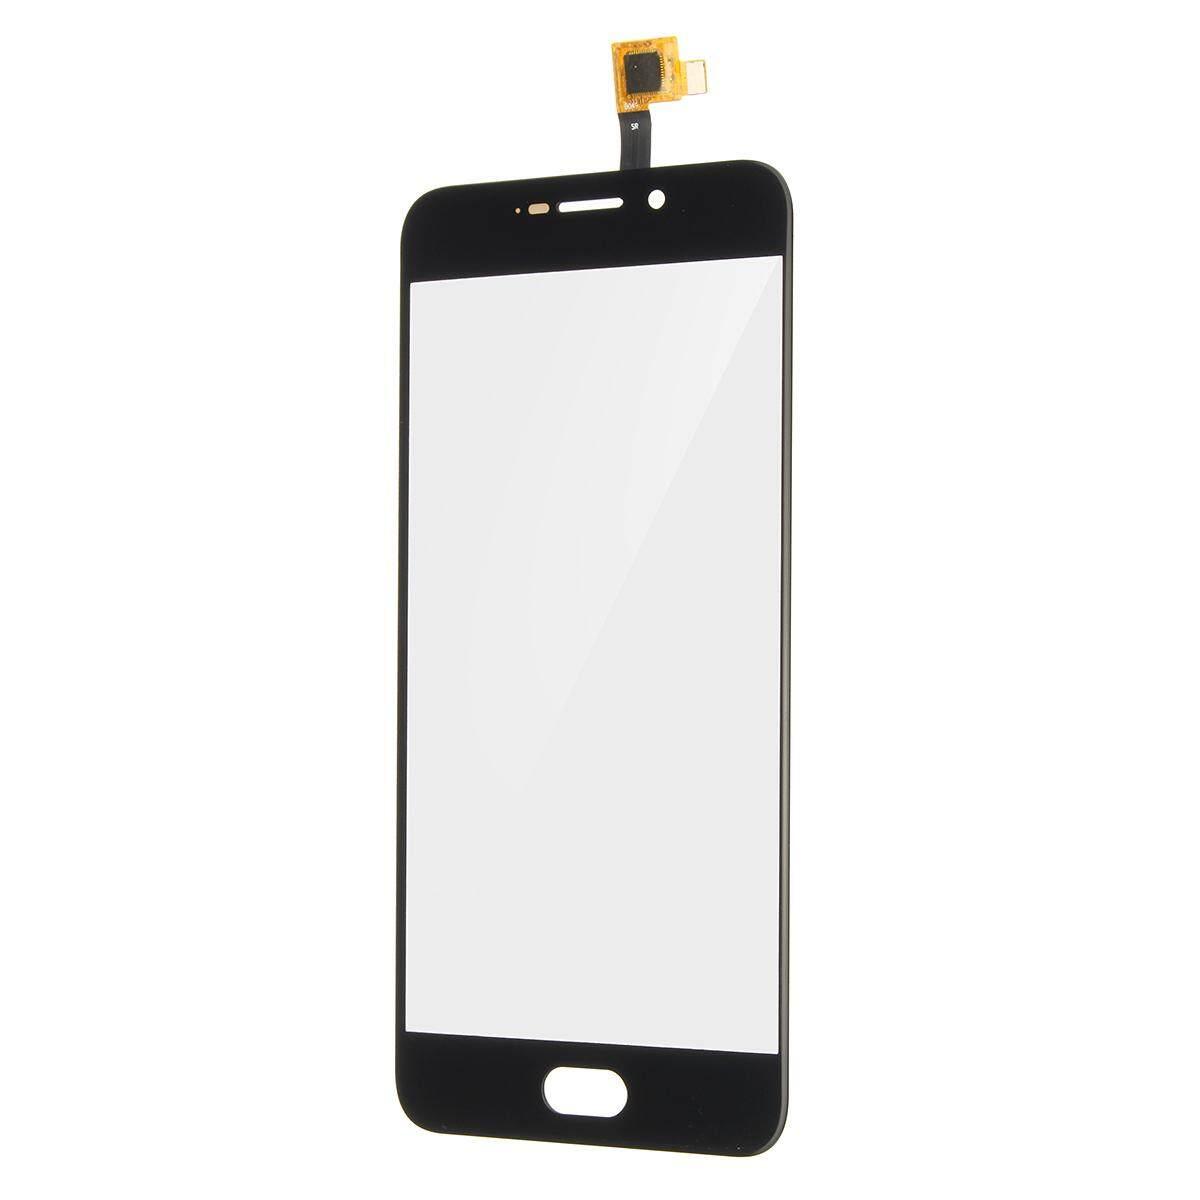 ... D325 SIM Ganda. Easybuy New Putih 24 Luar Layar Sentuh Digitizer Cocok Untuk Lg L70 Source · NOKIA Microsoft Lumia 535 ORIGINAL Rp 525 000 Layar